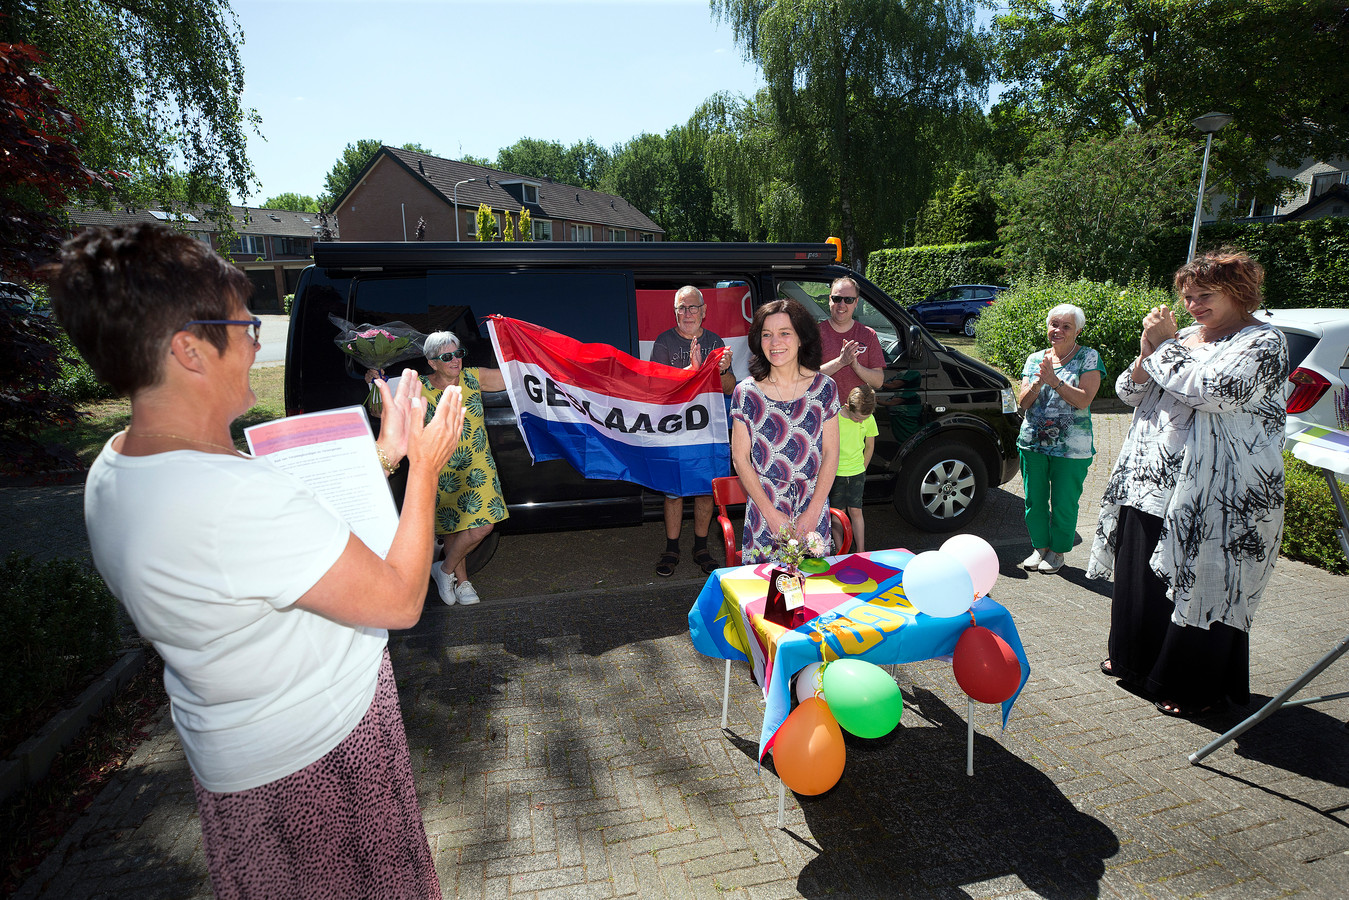 Adinda van der Linden uit Groenlo is maar wat blij met haar diploma. De uitreiking vond plaats op de parkeerplaats voor haar huis.